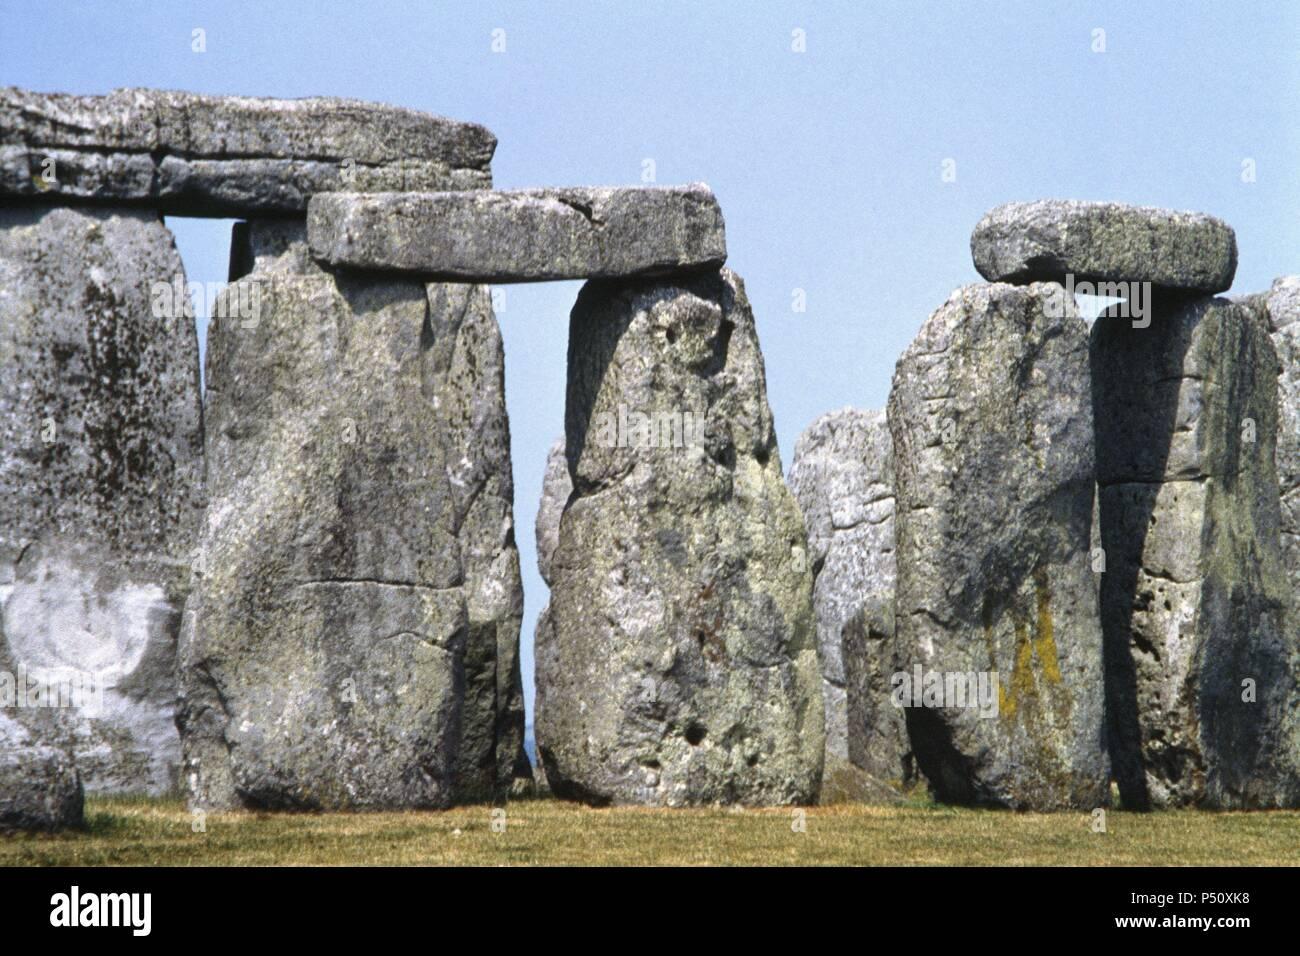 ARTE PREHISTORICO. NEOLITICO. REINO UNIDO. STONEHENGE (2800-1550 a. C.). OBSERVATORIO ASTRONOMICO O SANTUARIO SOLAR. Monumento megalítico de estructura circular (100 m. de diámetro). Presenta varias fases constructivas realizadas durante el neolítico final y la Edad del Bronce inicial. Vista parcial. WILTSHIRE. - Stock Image